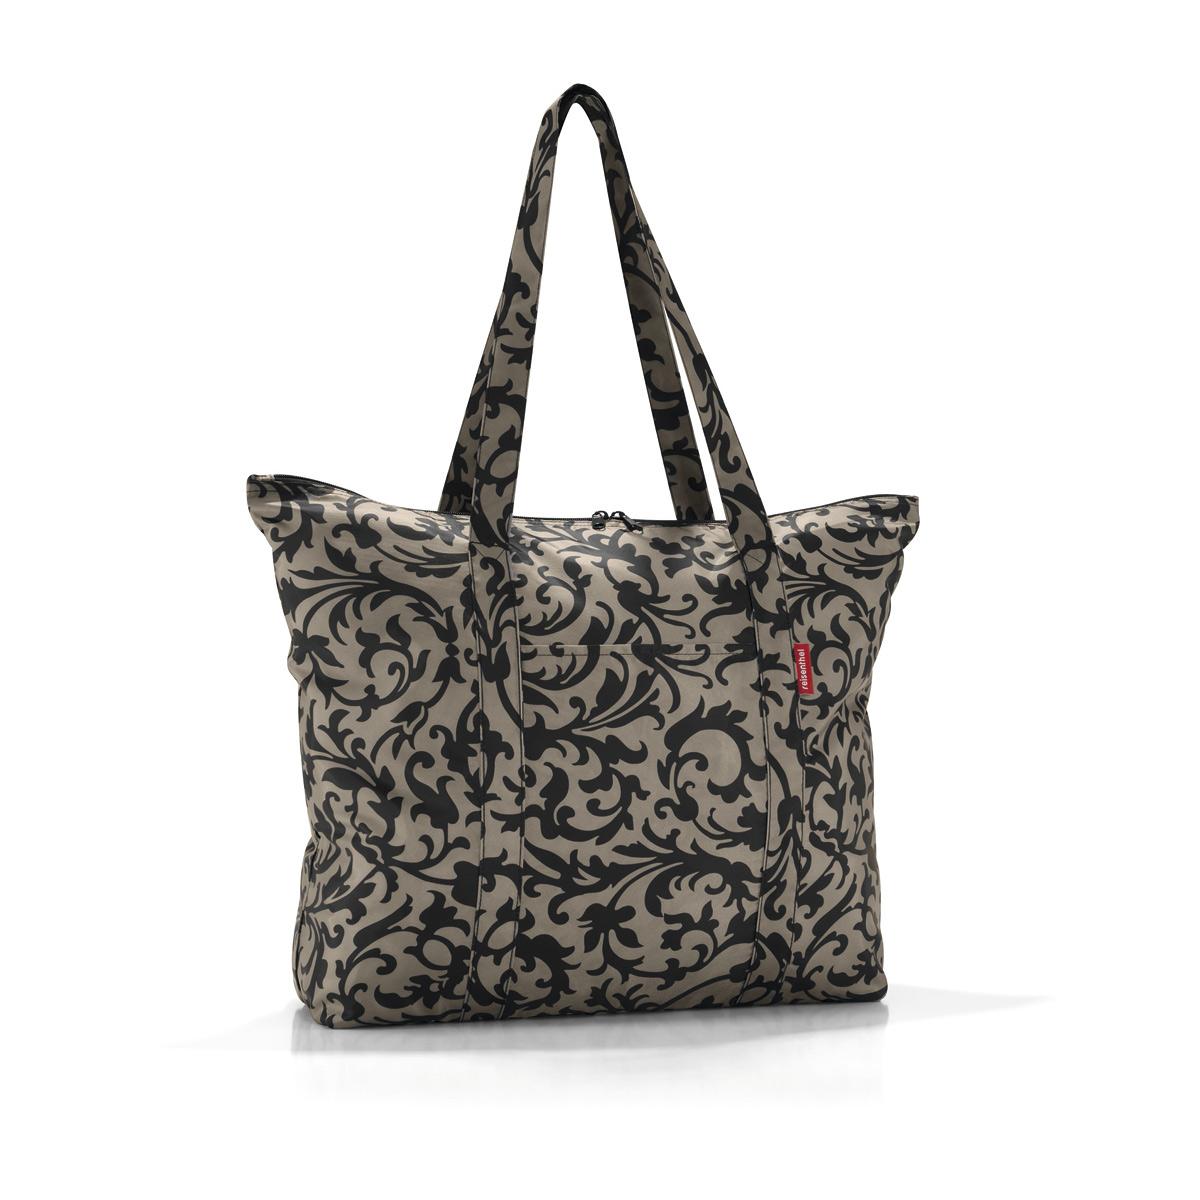 Сумка-шоппер Reisenthel, цвет: бежевый, черный. AE7027S76245Идеальный компаньон для путешествий, ведь из поездки мы всегда возвращаемся со множеством сувениров и покупок. Так что еще одна сумка пригодится. Она легко складывается в маленький чехол, которые можно взять с собой в сумке или рюкзаке. Так же можно использовать для похода за продуктами.Внутренний объем сумки - 25 литров. Есть просторный внешний карман для мелочей.